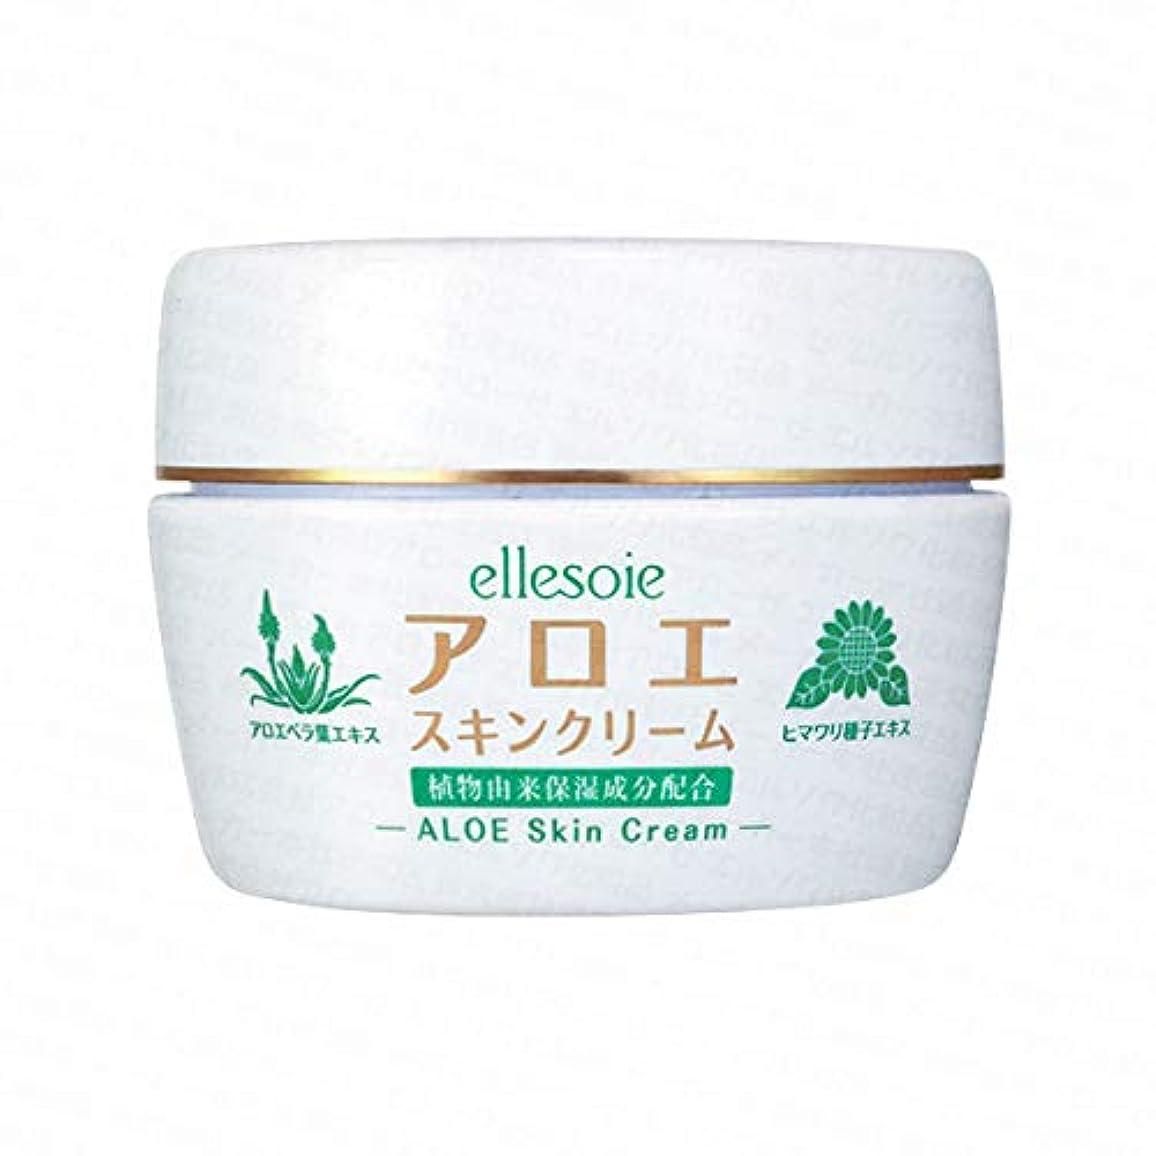 食品海峡ひも月曜エルソワ化粧品(ellesoie) アロエスキンクリーム 本体210g ボディ用保湿クリーム